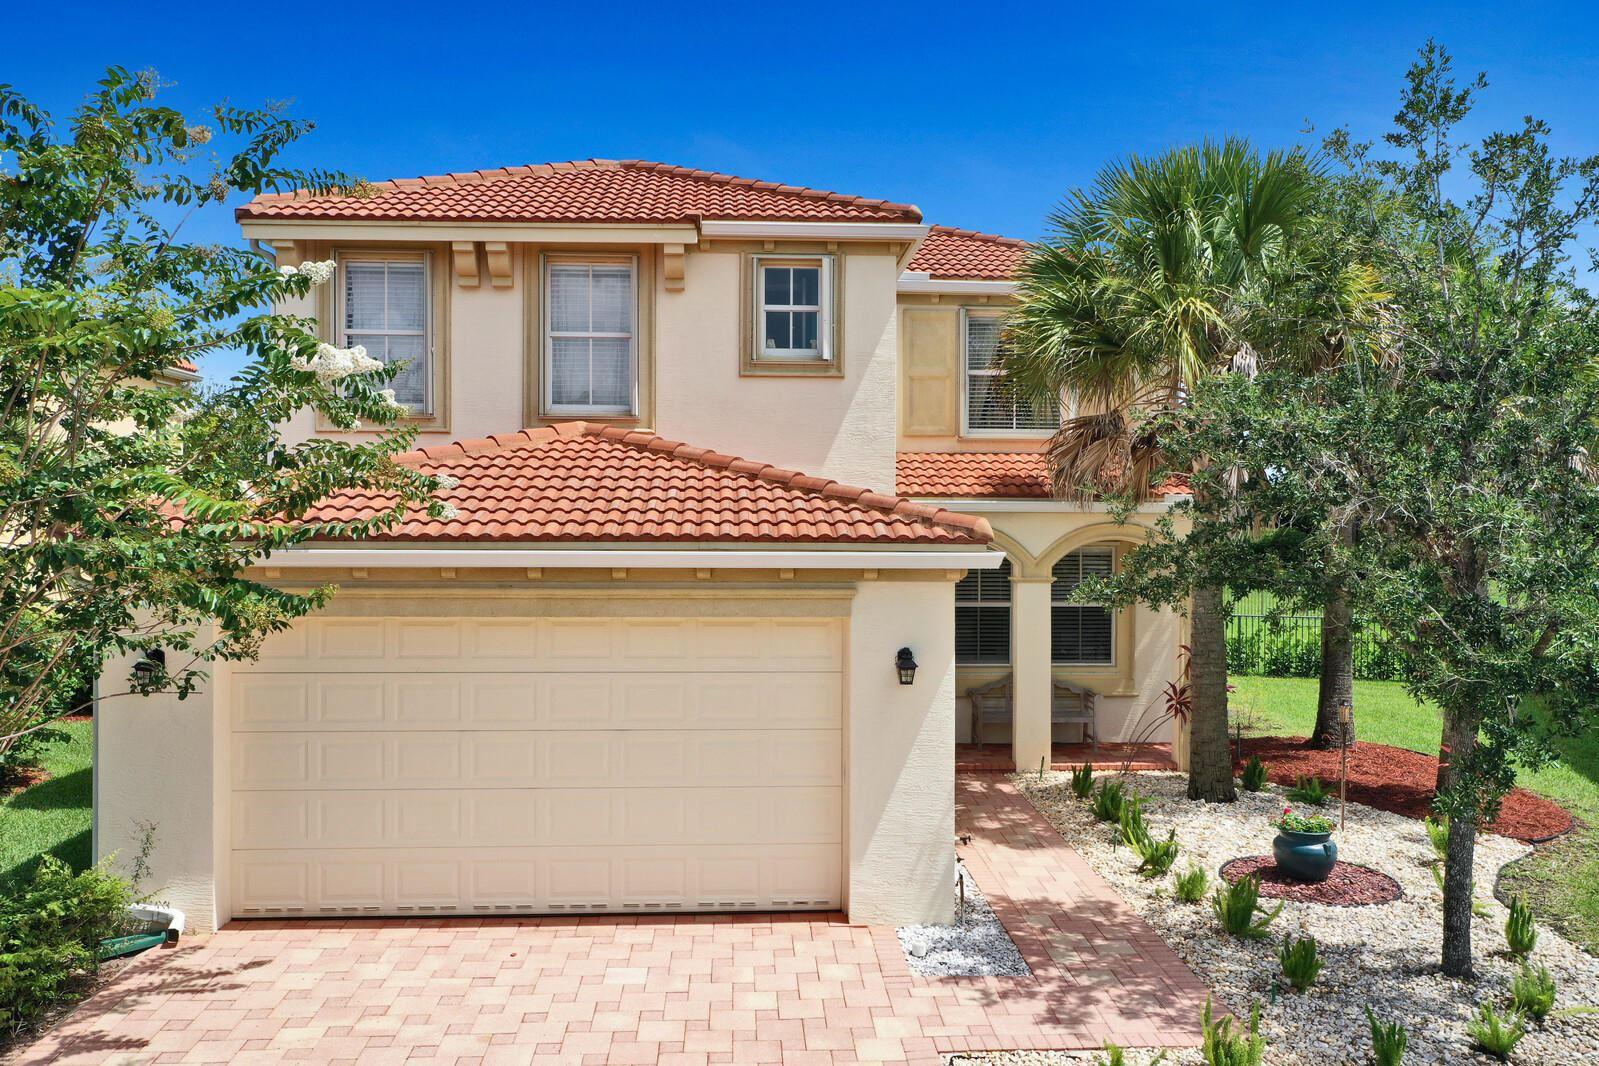 2723 Pienza Circle, Royal Palm Beach, FL 33411 - #: RX-10634918